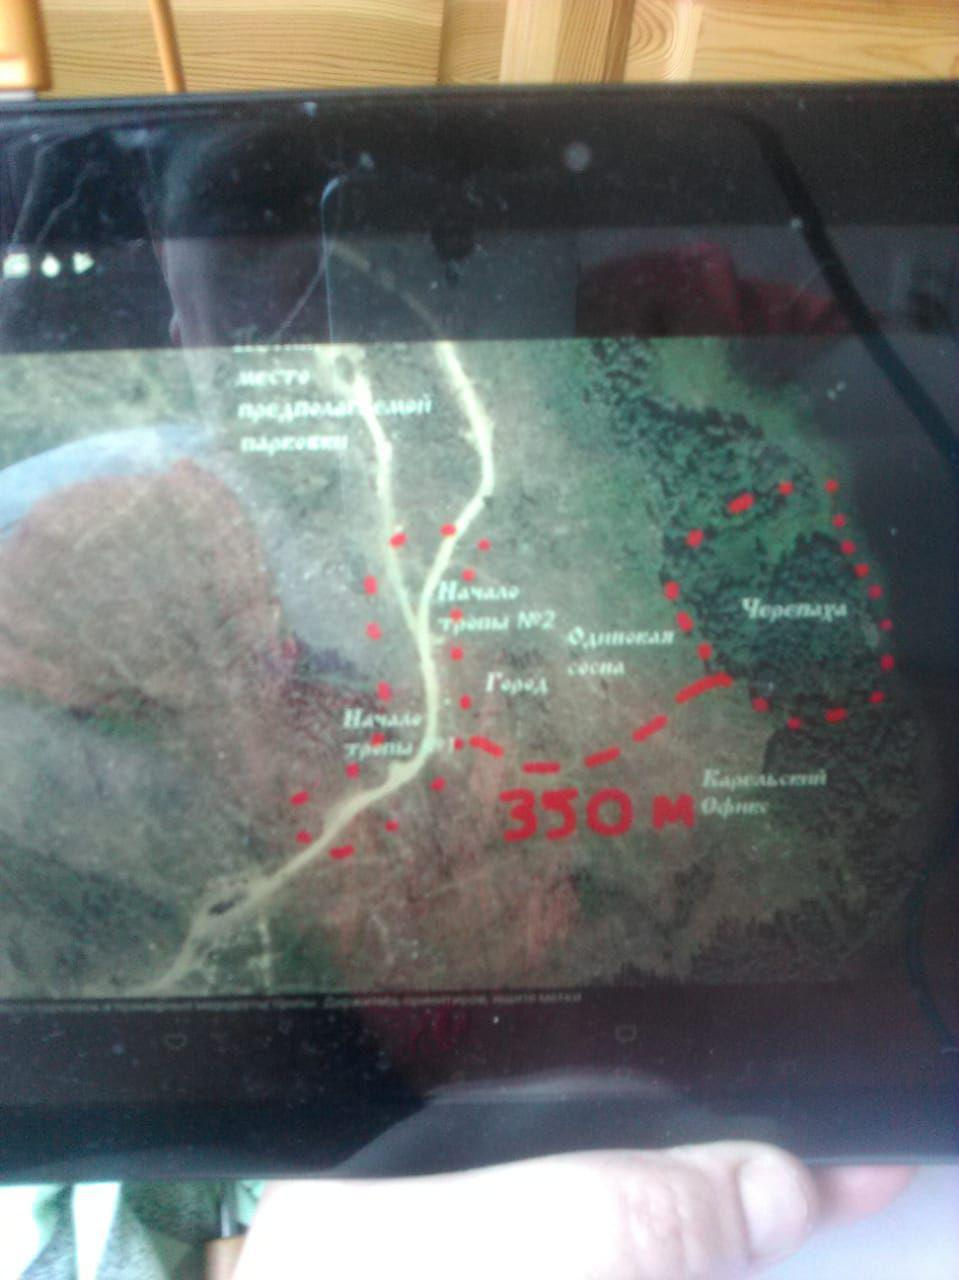 Сотрудники ФСБ проехали 160 киломе тров от Петербурга для задержания спящего на природе Тимошенко.